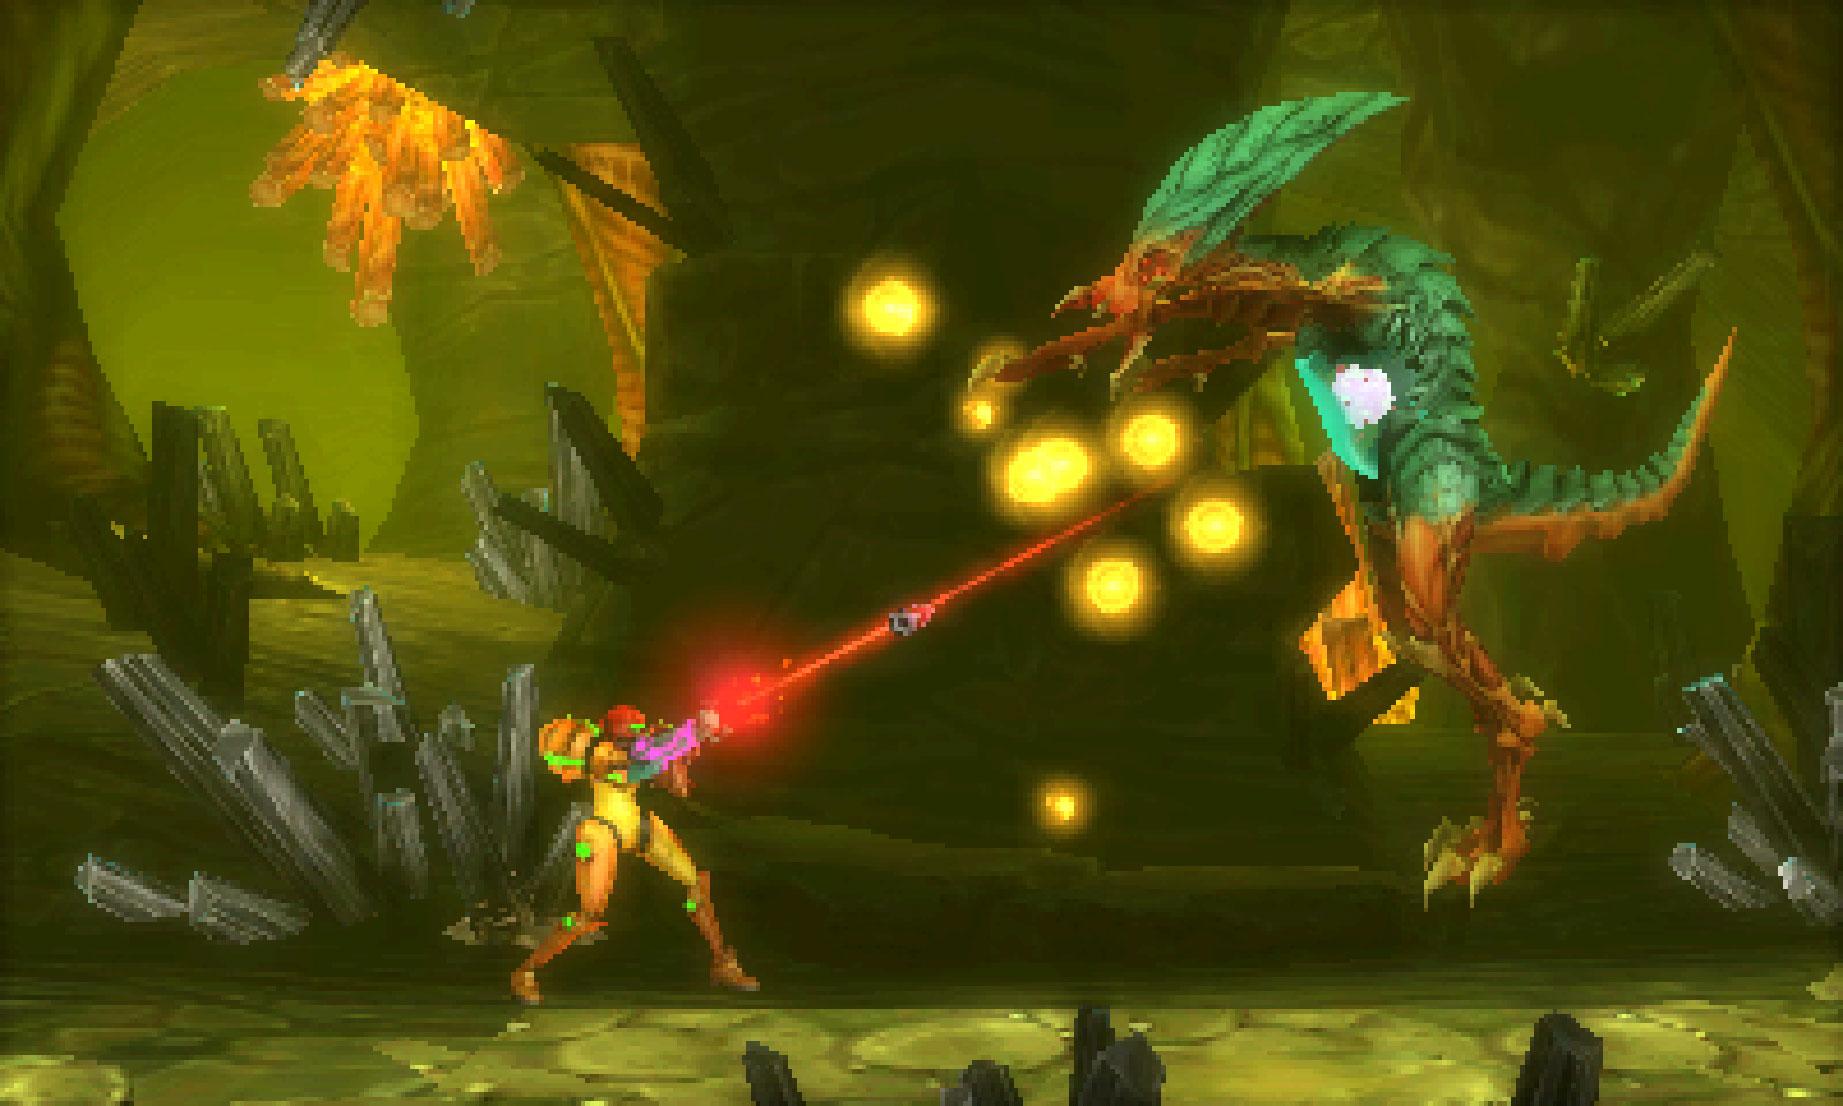 """Auch ein 3DS-Game hat es in die """"DICE Awards"""" geschafft: """"Metroid: Samus Returns"""" ist das """"beste Handheld-Spiel""""."""